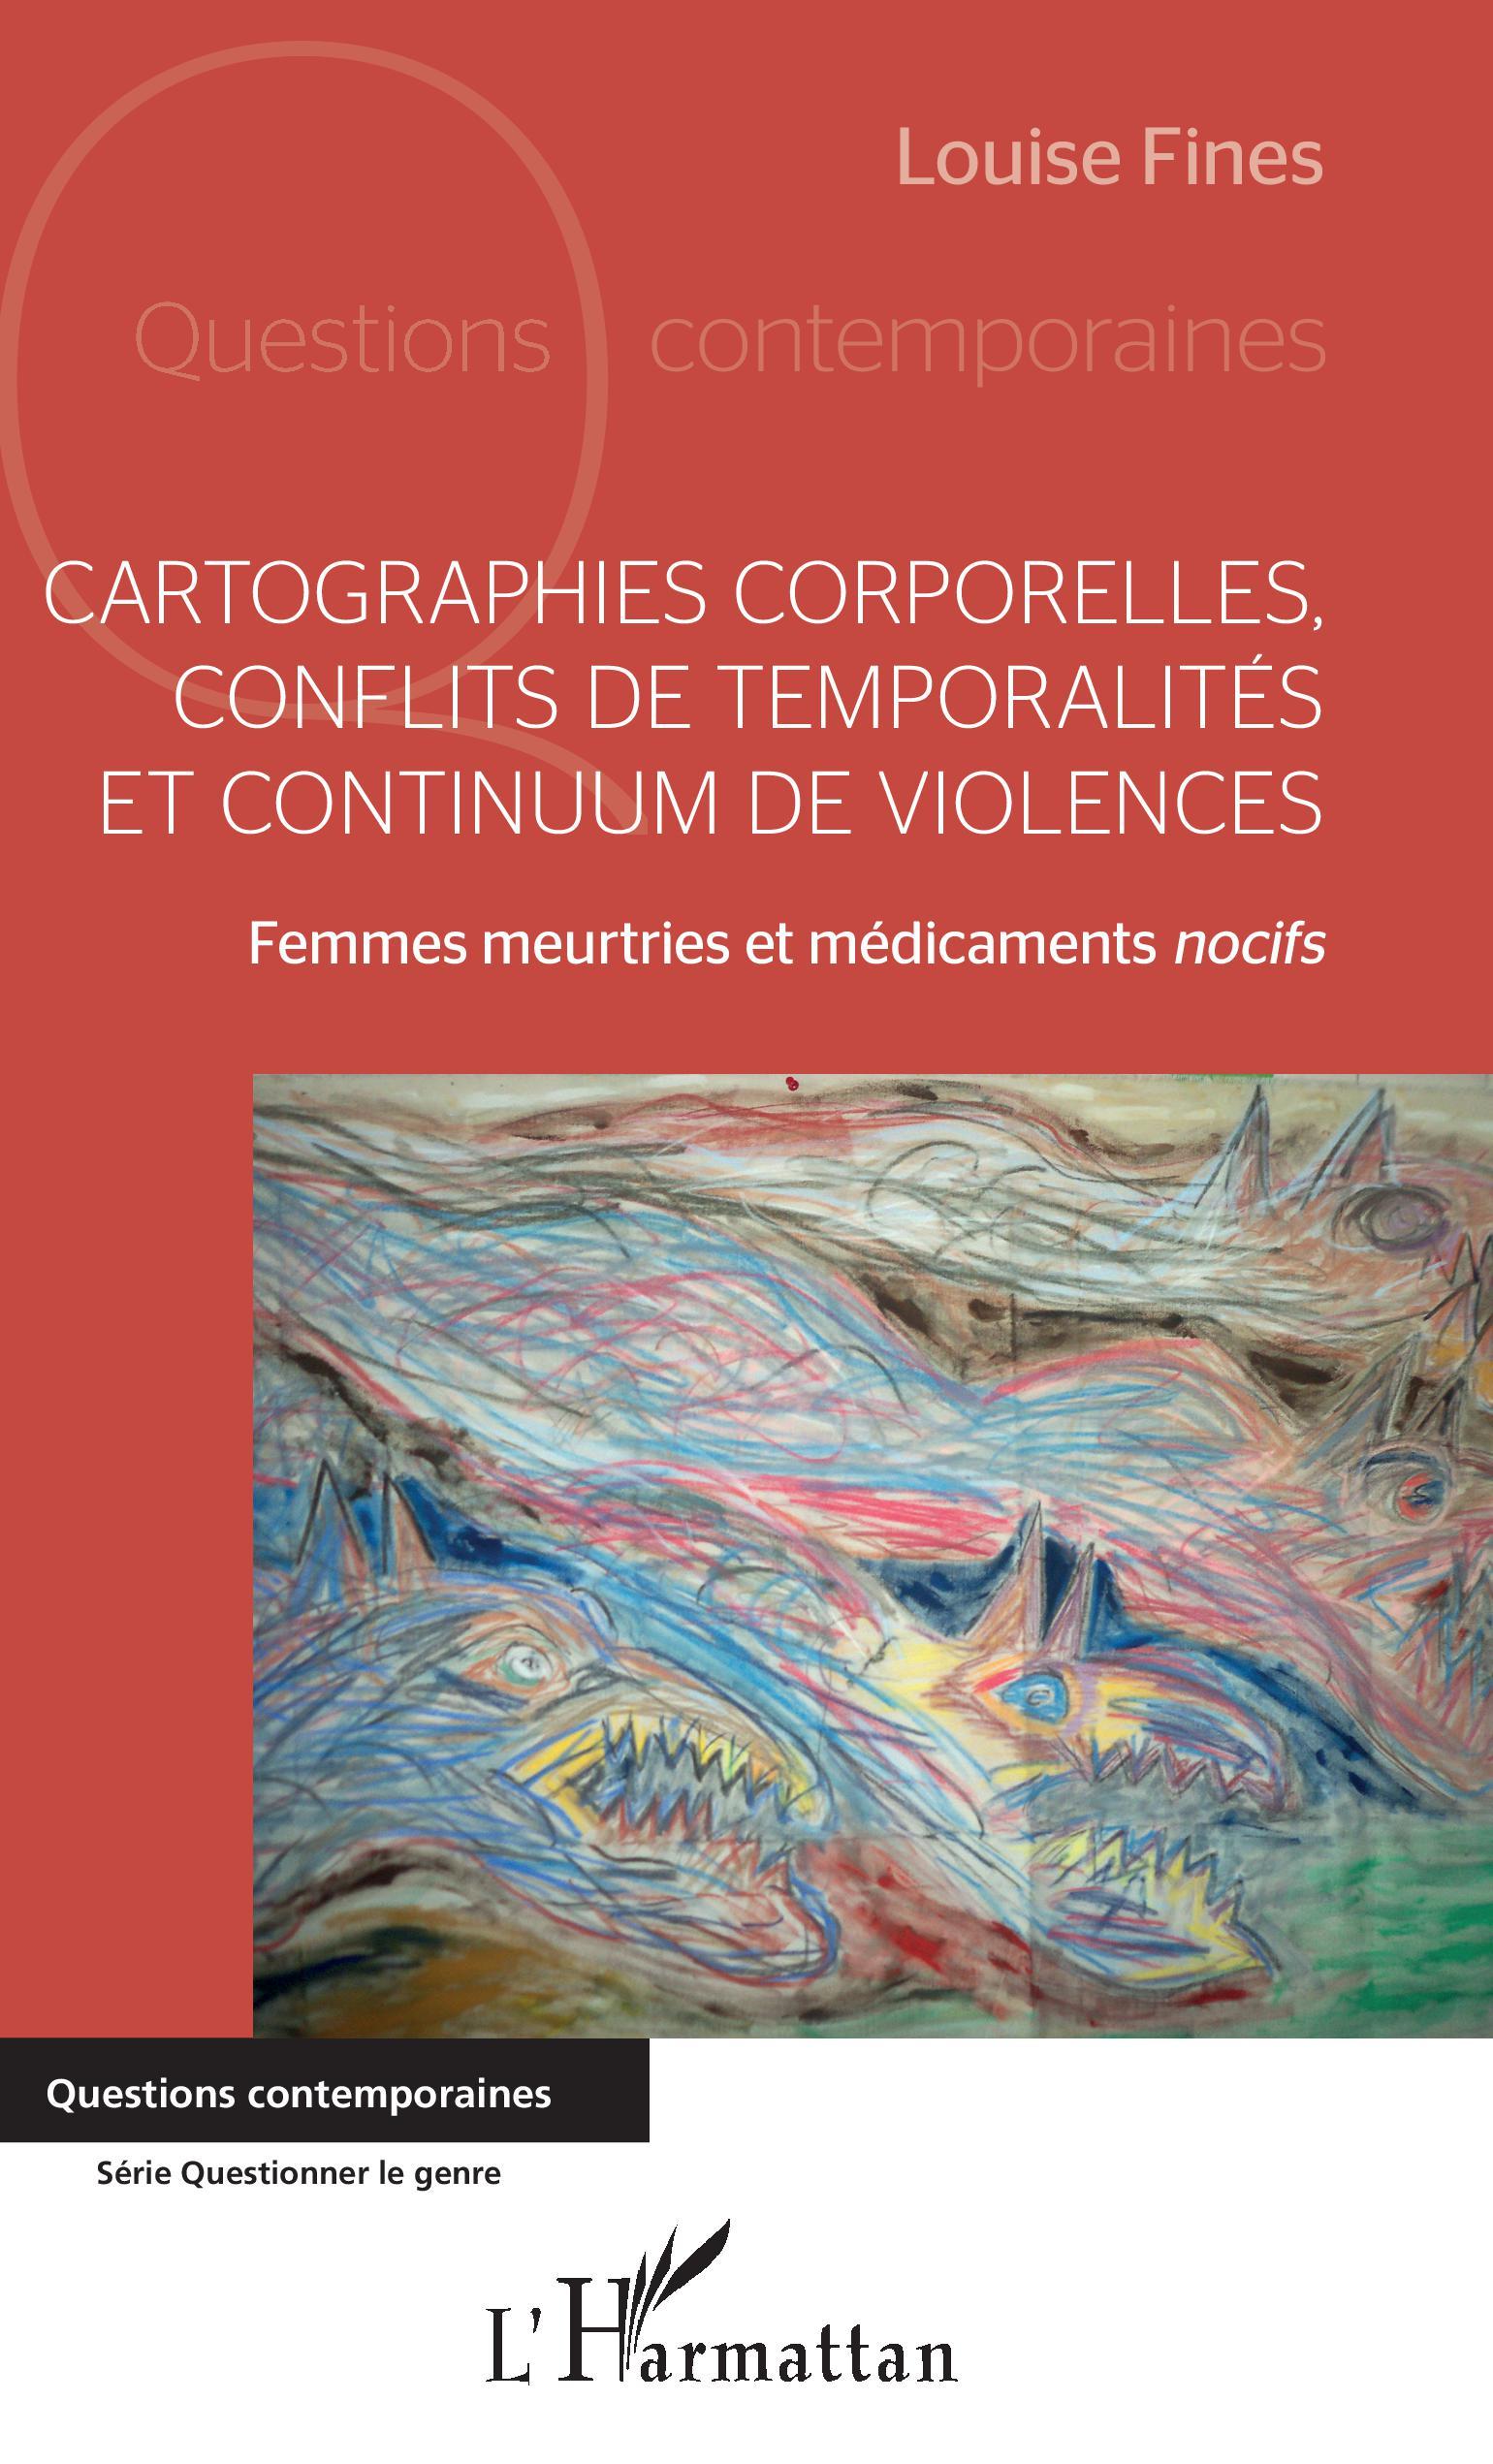 couverture du livre : Cartographies corporelles, conflits de temporalités et continuum de violences : Femmes meurtries et médicaments nocifs.